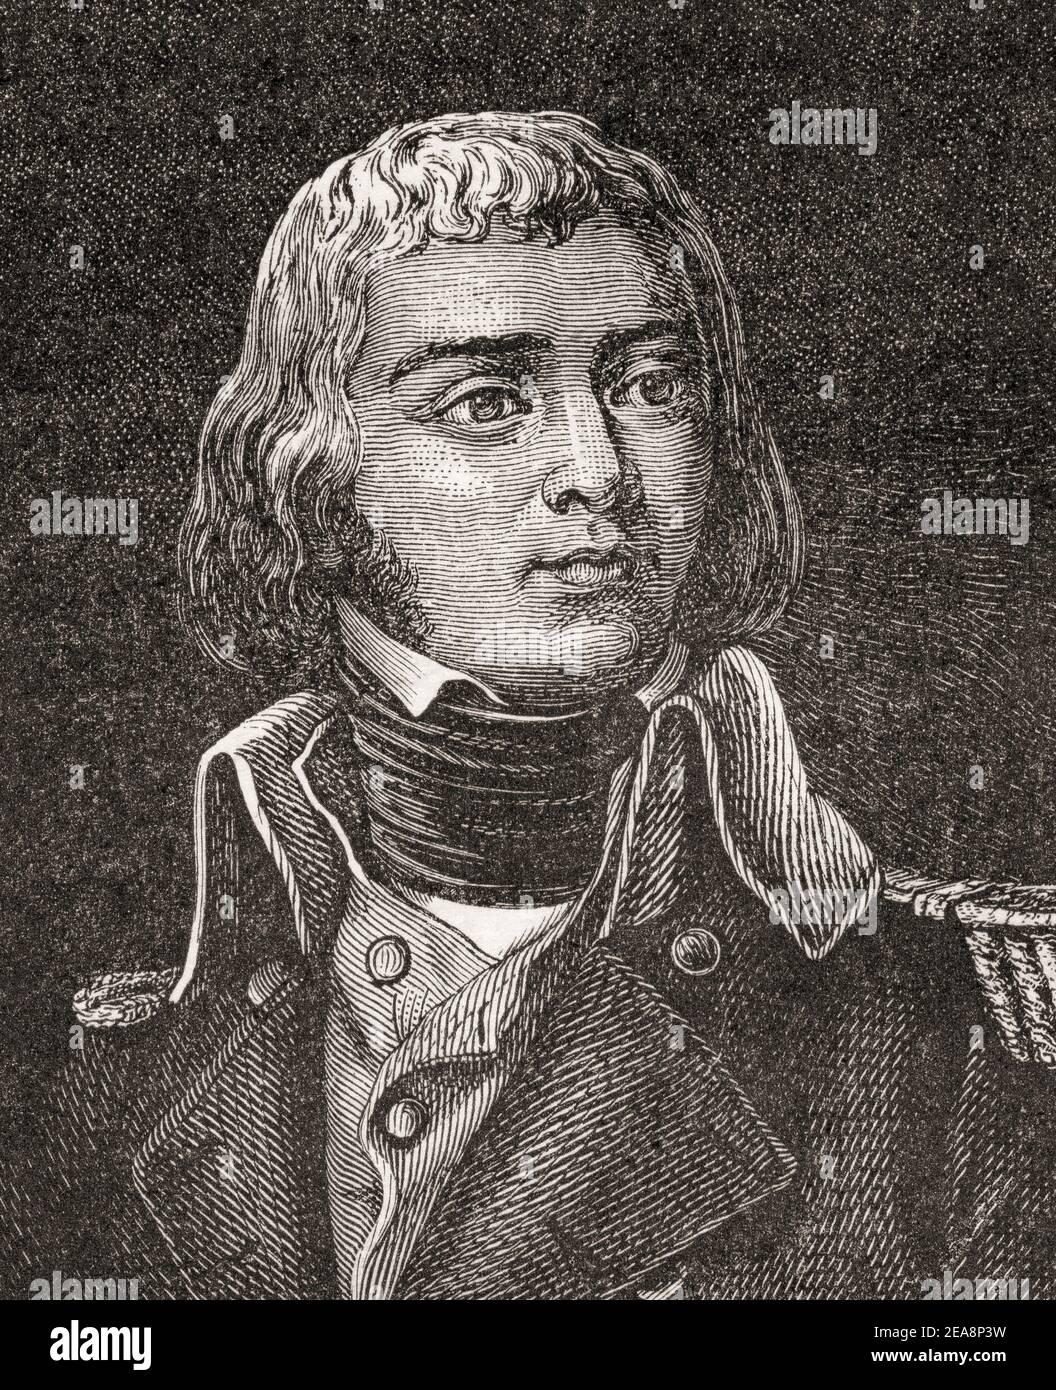 Étienne Jacques Joseph Alexandre MacDonald, 1er Duque de Taranto, 1765 – 1840. Mariscal del Imperio y líder militar durante las guerras Revolucionarias y Napoleónicas francesas. Foto de stock